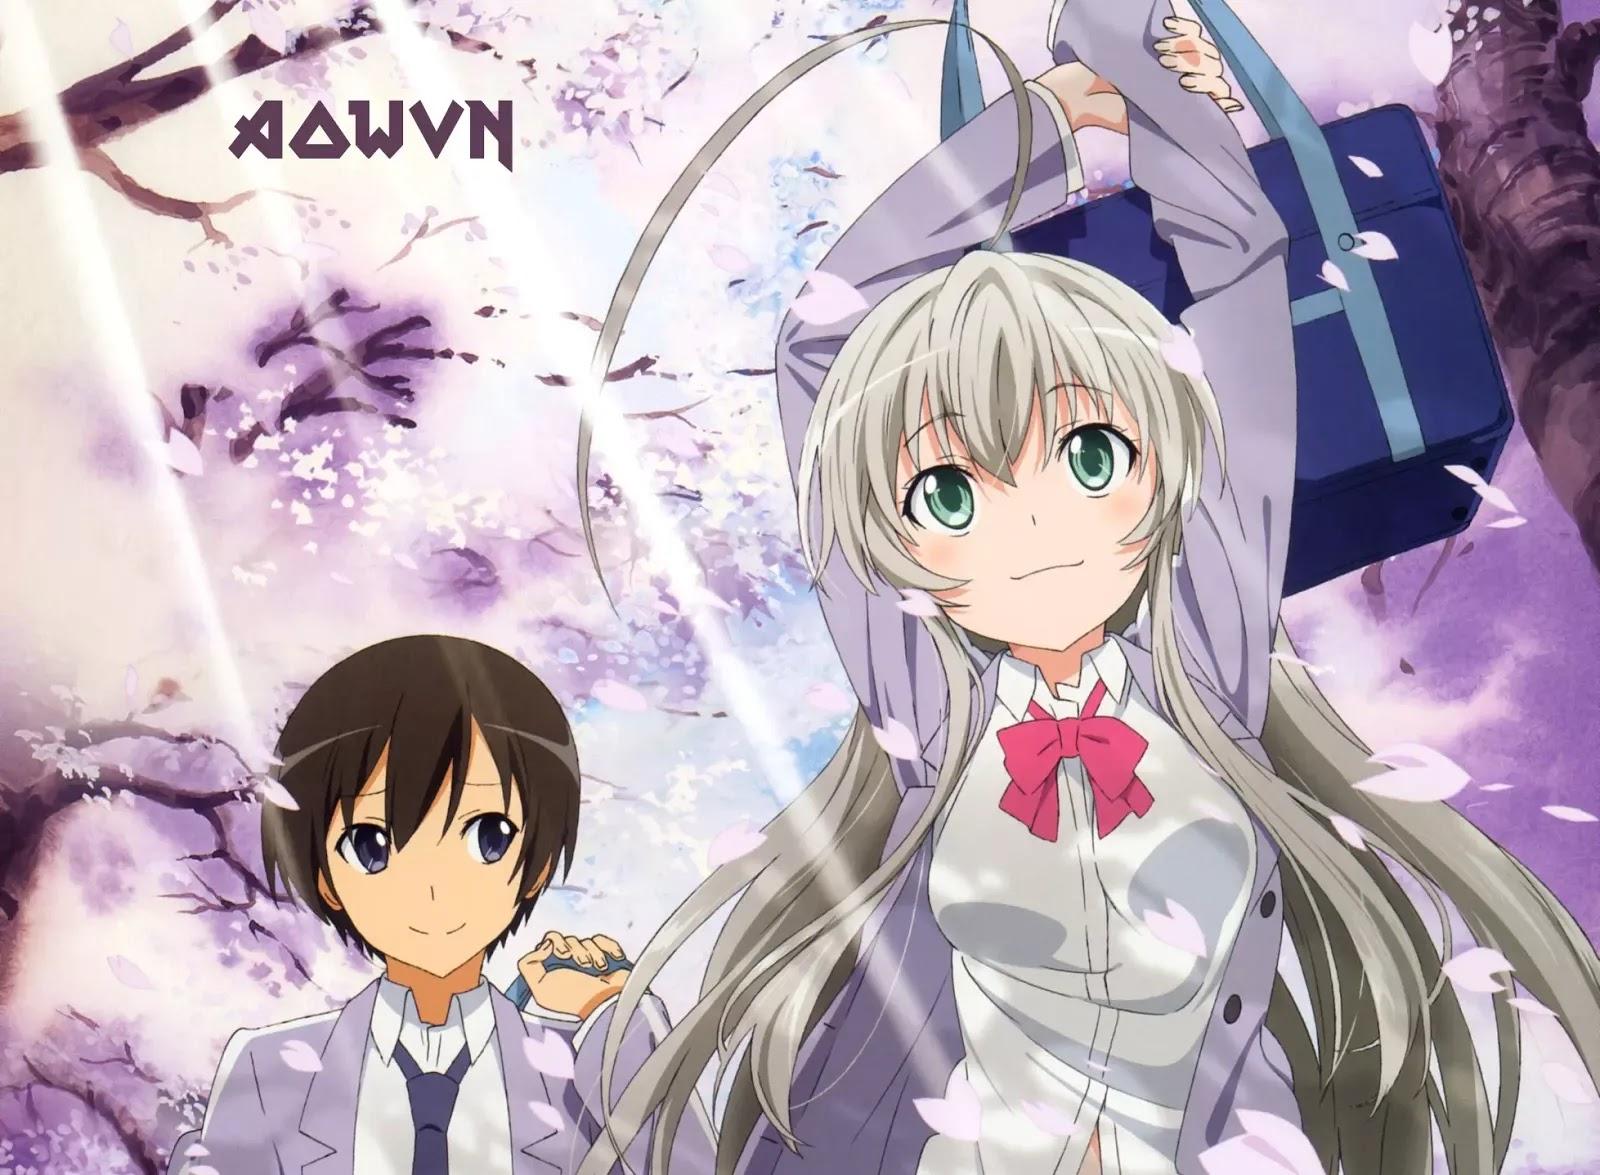 AowVN.org m%2B%25284%2529 - [ Anime 3gp Mp4 ] Haiyore! Nyaruko-San 1 + 2 + OVA | Vietsub - Harem hài bựa hay